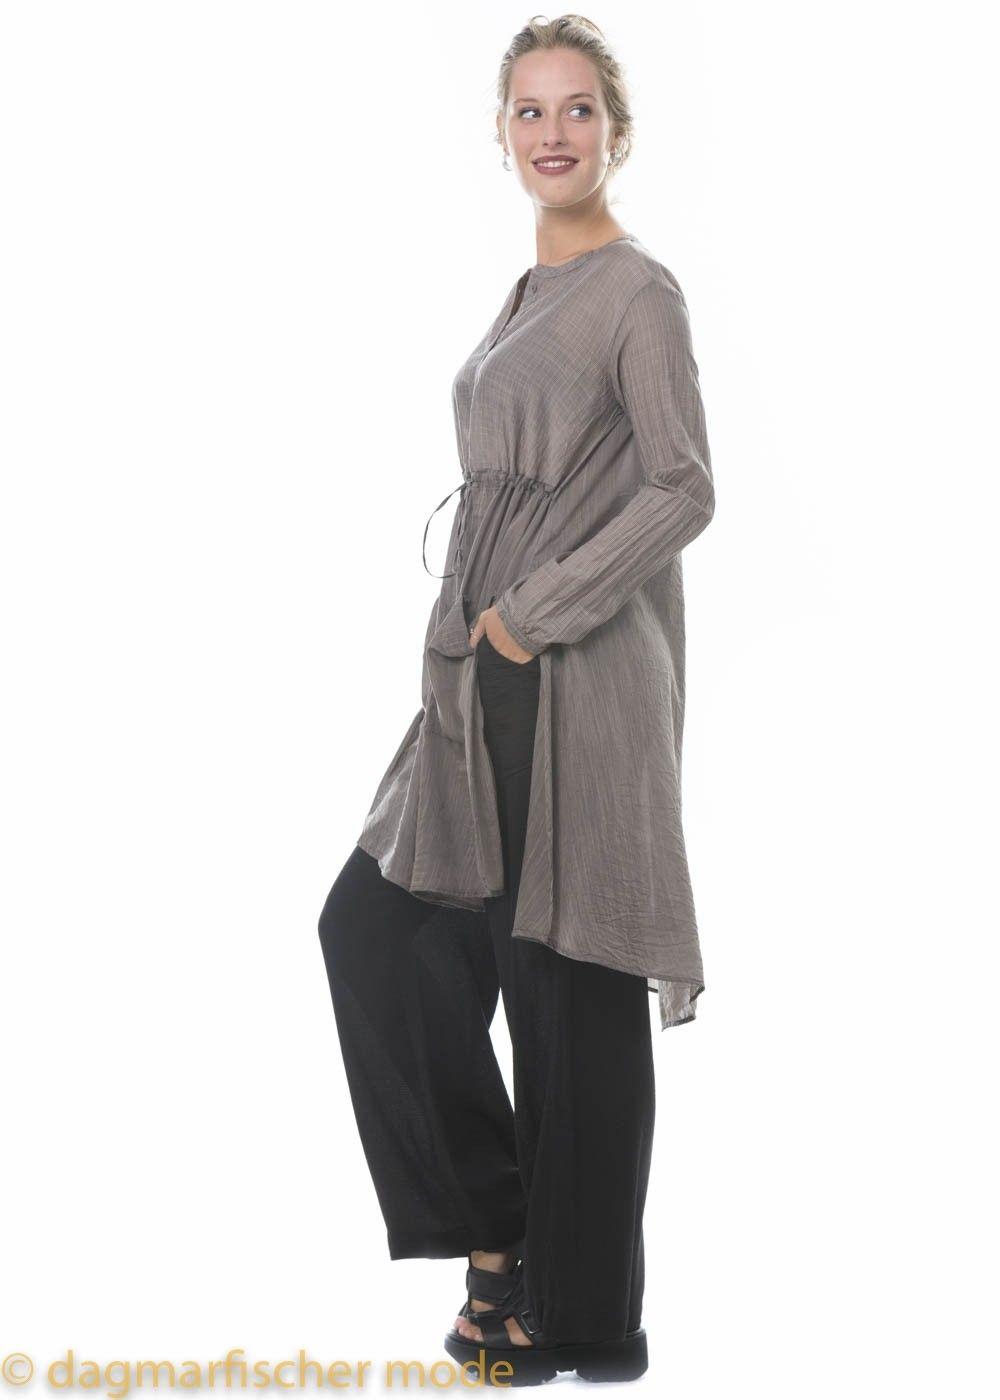 Lange Bluse von TRANSIT in mauve - dagmarfischer mode ...